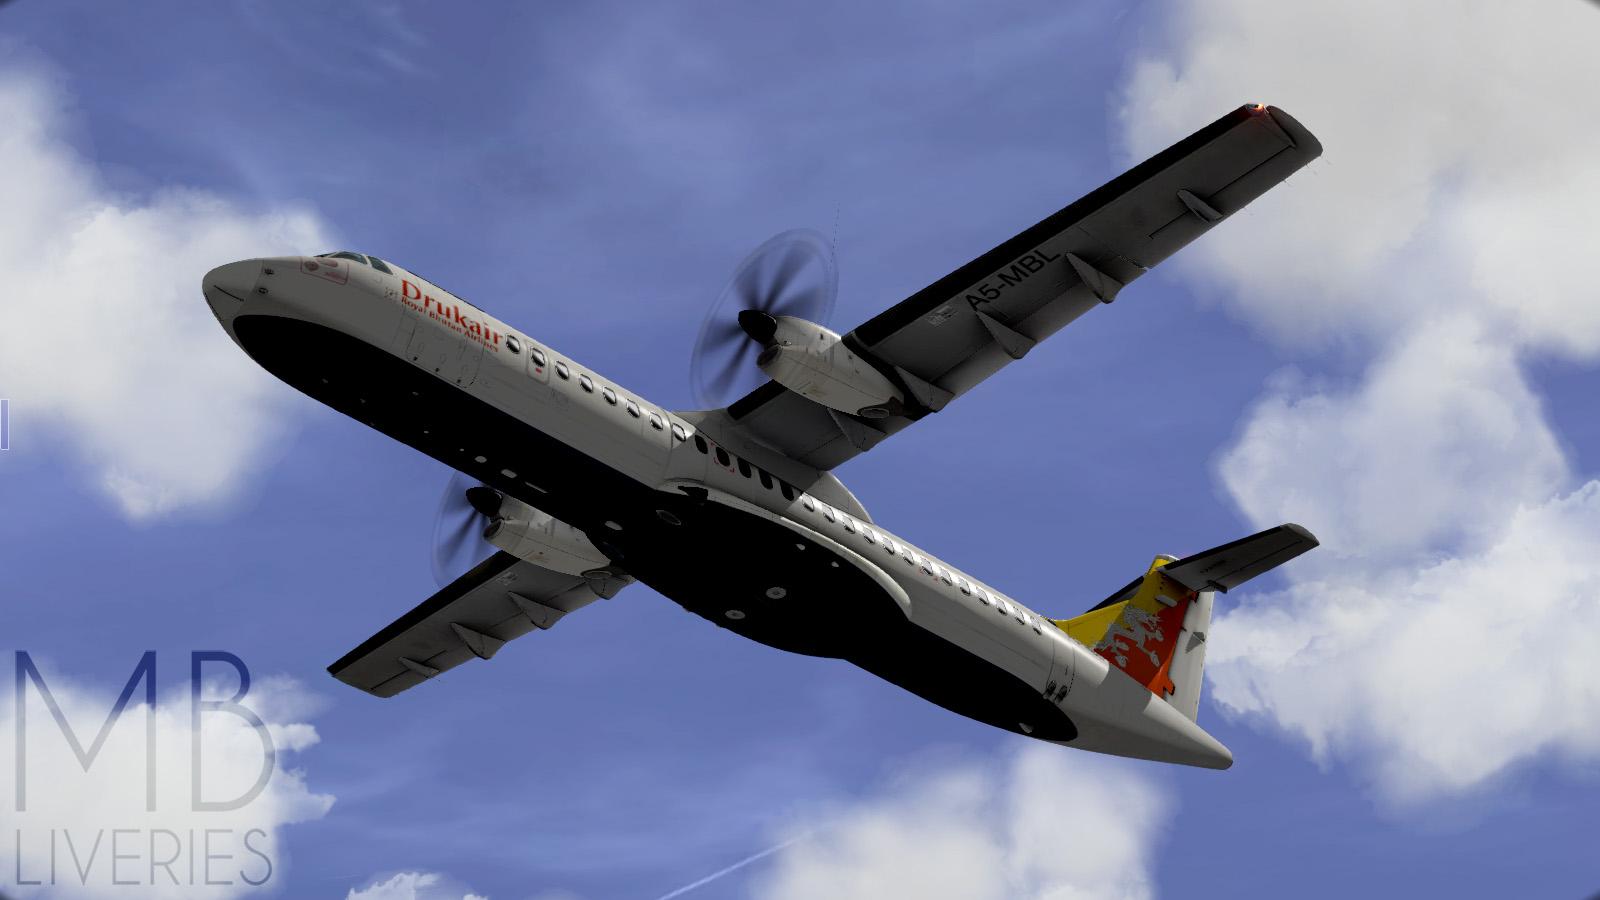 Druk Air - ATR72-500 (Aerosoft) - Aircraft Skins - Liveries - X